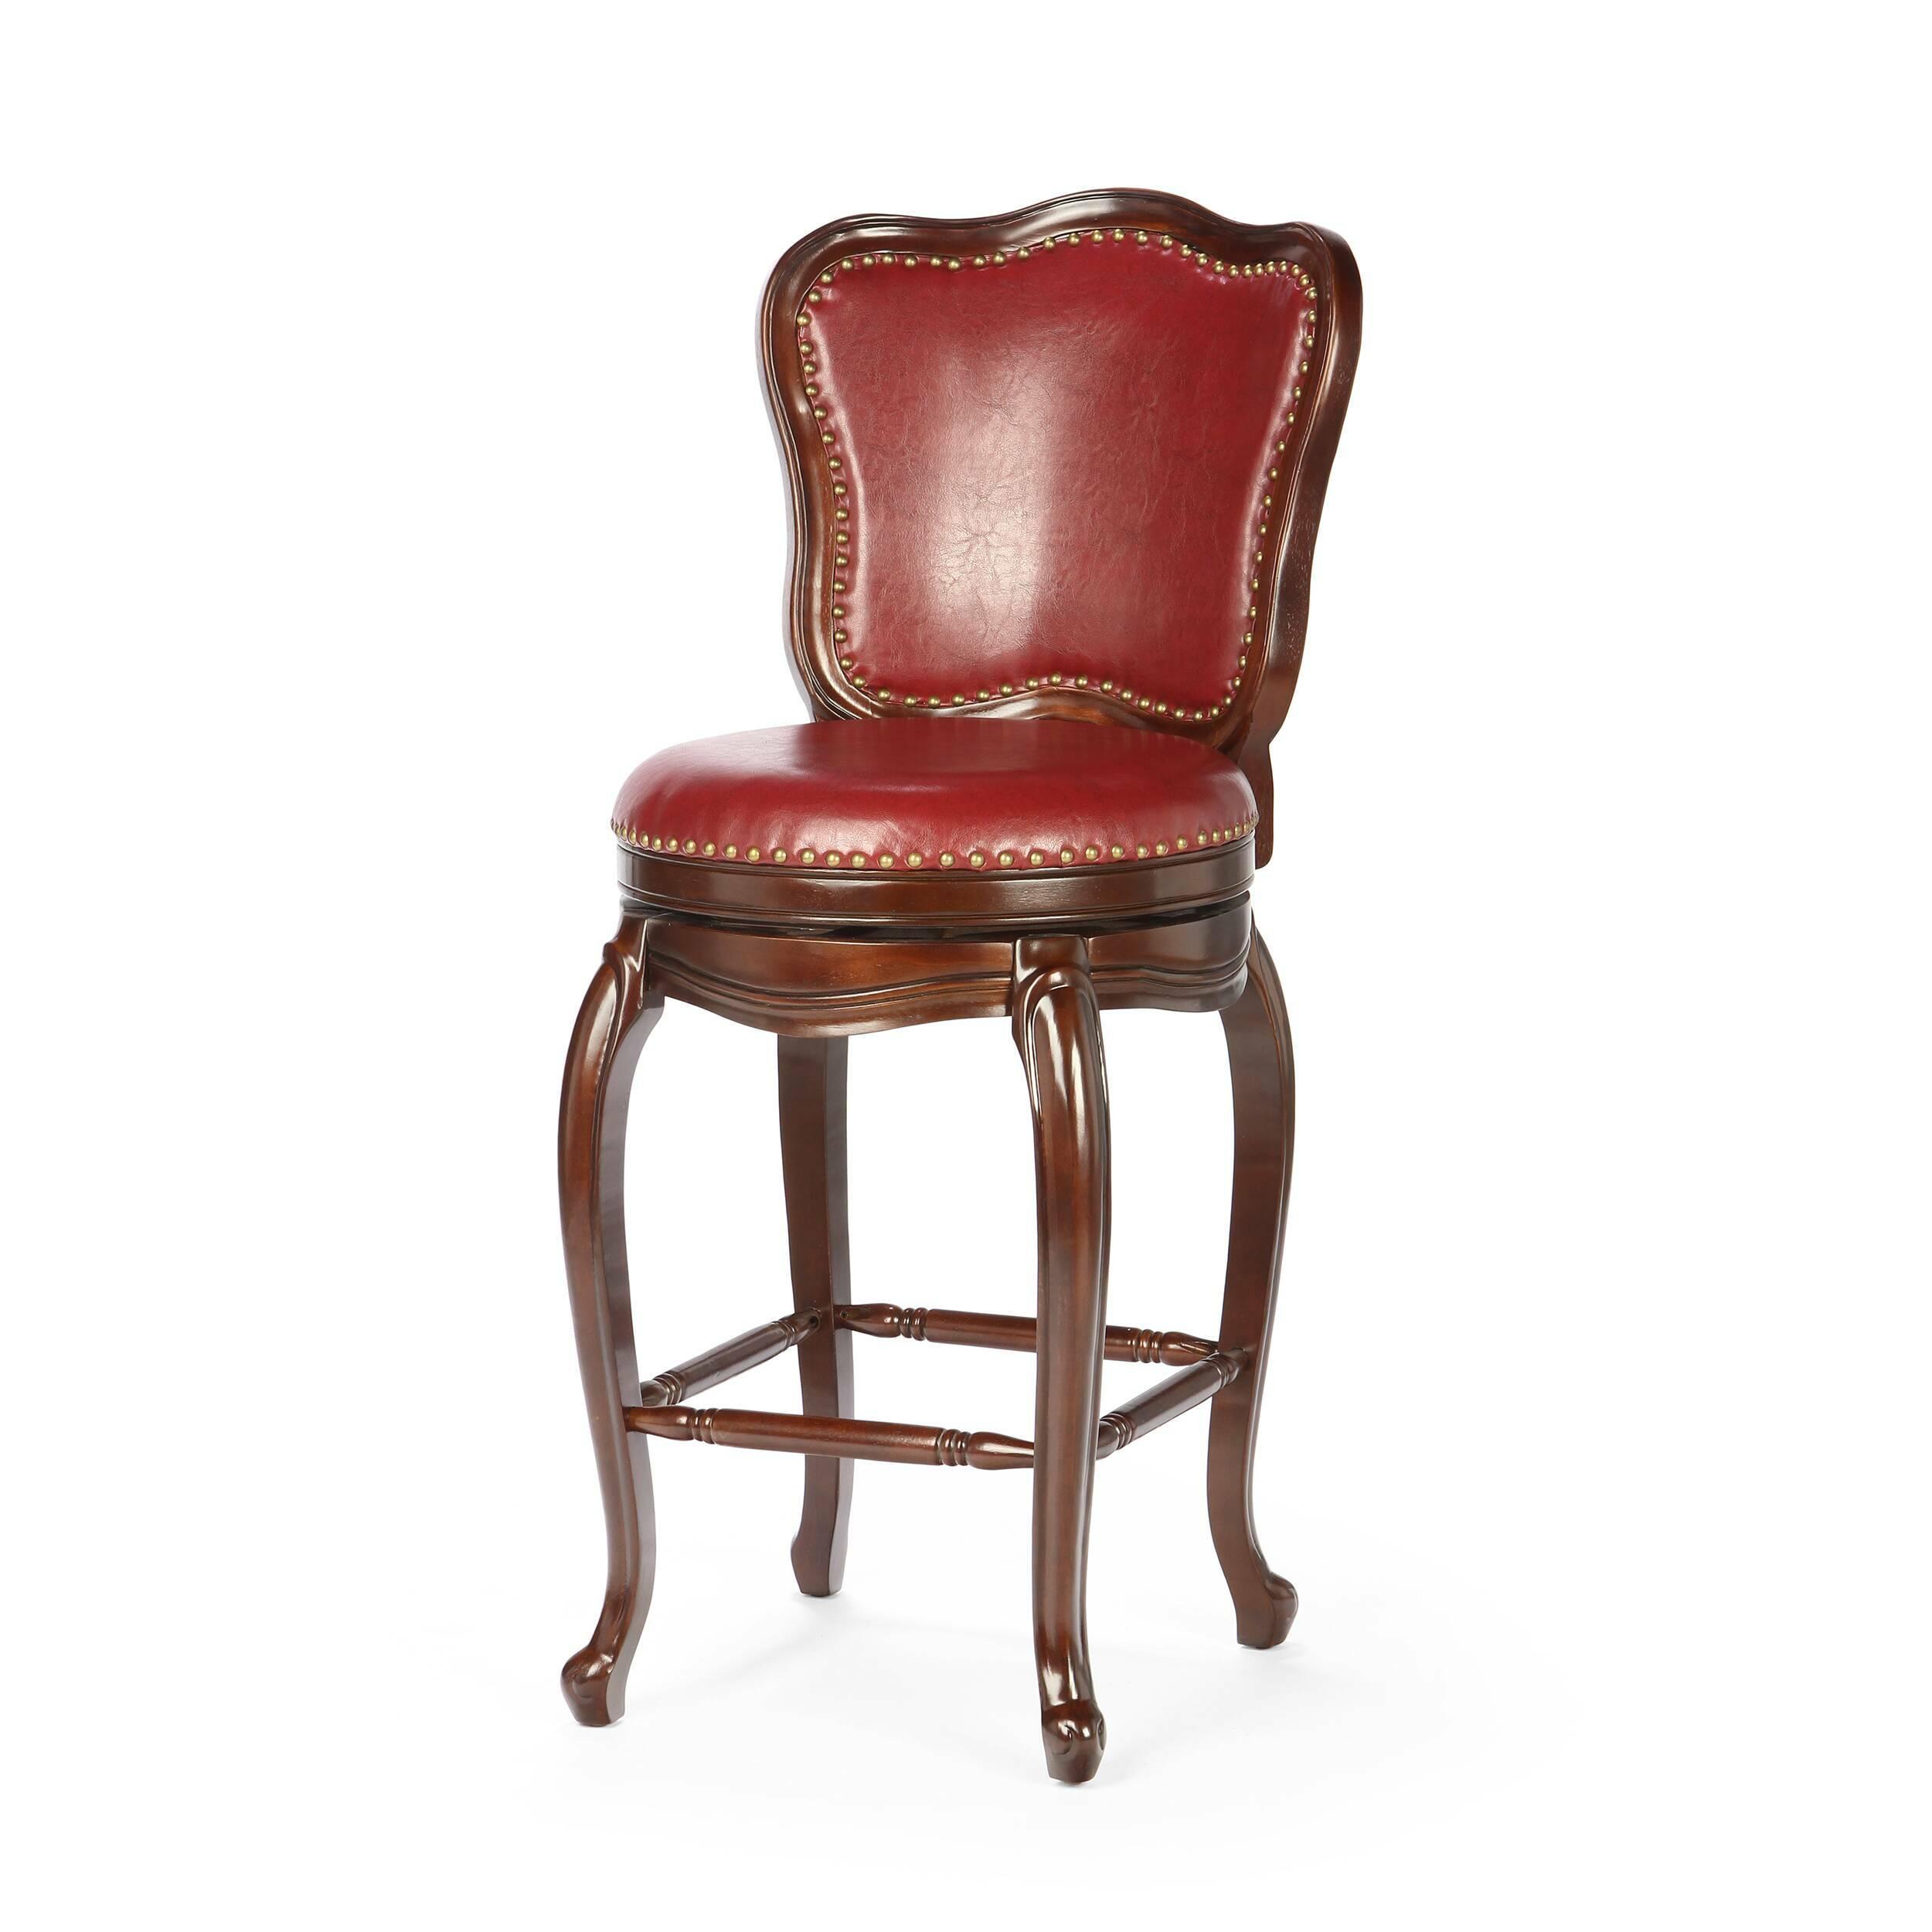 Барный стул CatelliБарные<br>Дизайнерский красный барный стул Catelli (Кателли) из искусственной кожи на деревянных ножках от Cosmo (Космо). <br>Если вы хотите создать свой уникальный интерьер с традиционным винтажным уклоном, то у нас есть для вас нечто особенное — оригинальный барный стул Catelli. Этот стул прекрасно впишется в классический интерьер обеденной зоны вашего дома, бара или ресторана. <br> <br> Утонченный дизайн Catelli не оставит равнодушными ваших гостей. Темная полиуретановая обивка под кожу, однотонные ножки ...<br><br>stock: 23<br>Высота: 119<br>Высота сиденья: 76<br>Ширина: 58<br>Глубина: 61<br>Наполнитель: Пена<br>Материал каркаса: Массив дуба<br>Тип материала каркаса: Дерево<br>Материал сидения: Полиуретан<br>Цвет сидения: Красный<br>Тип материала сидения: Кожа искусственная<br>Цвет каркаса: Темно-коричневый